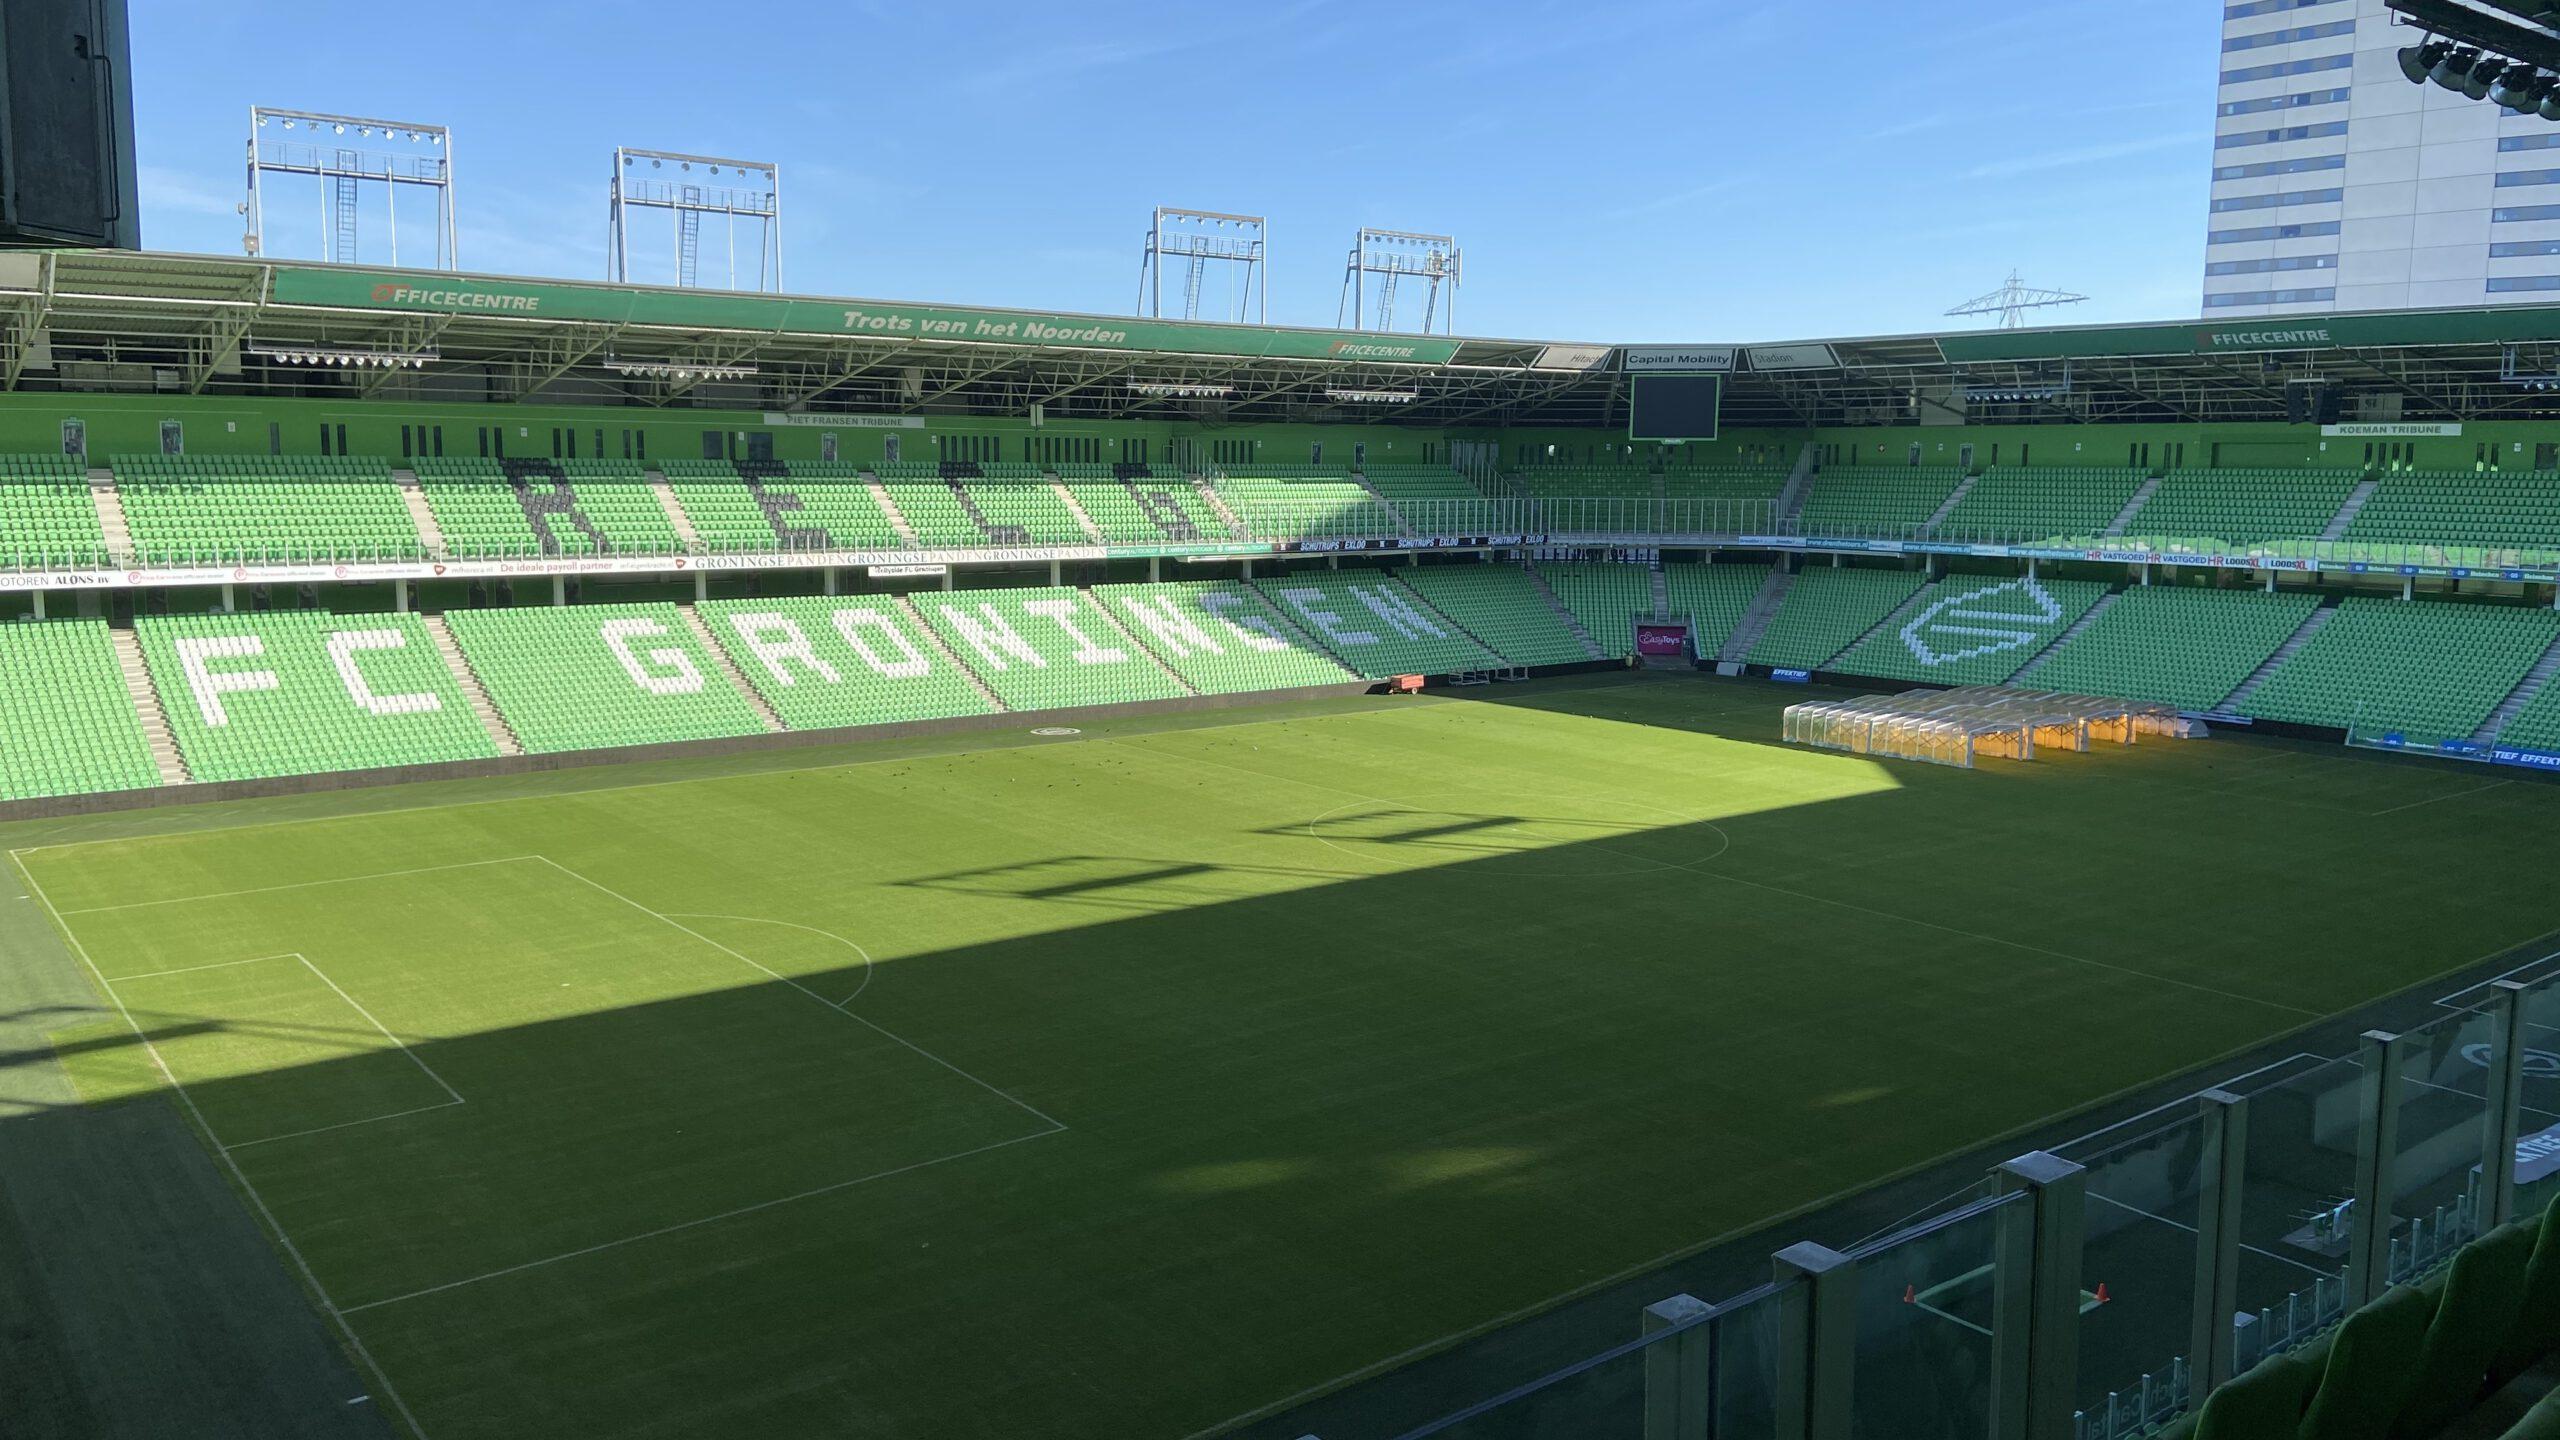 Stadion FC Groningen